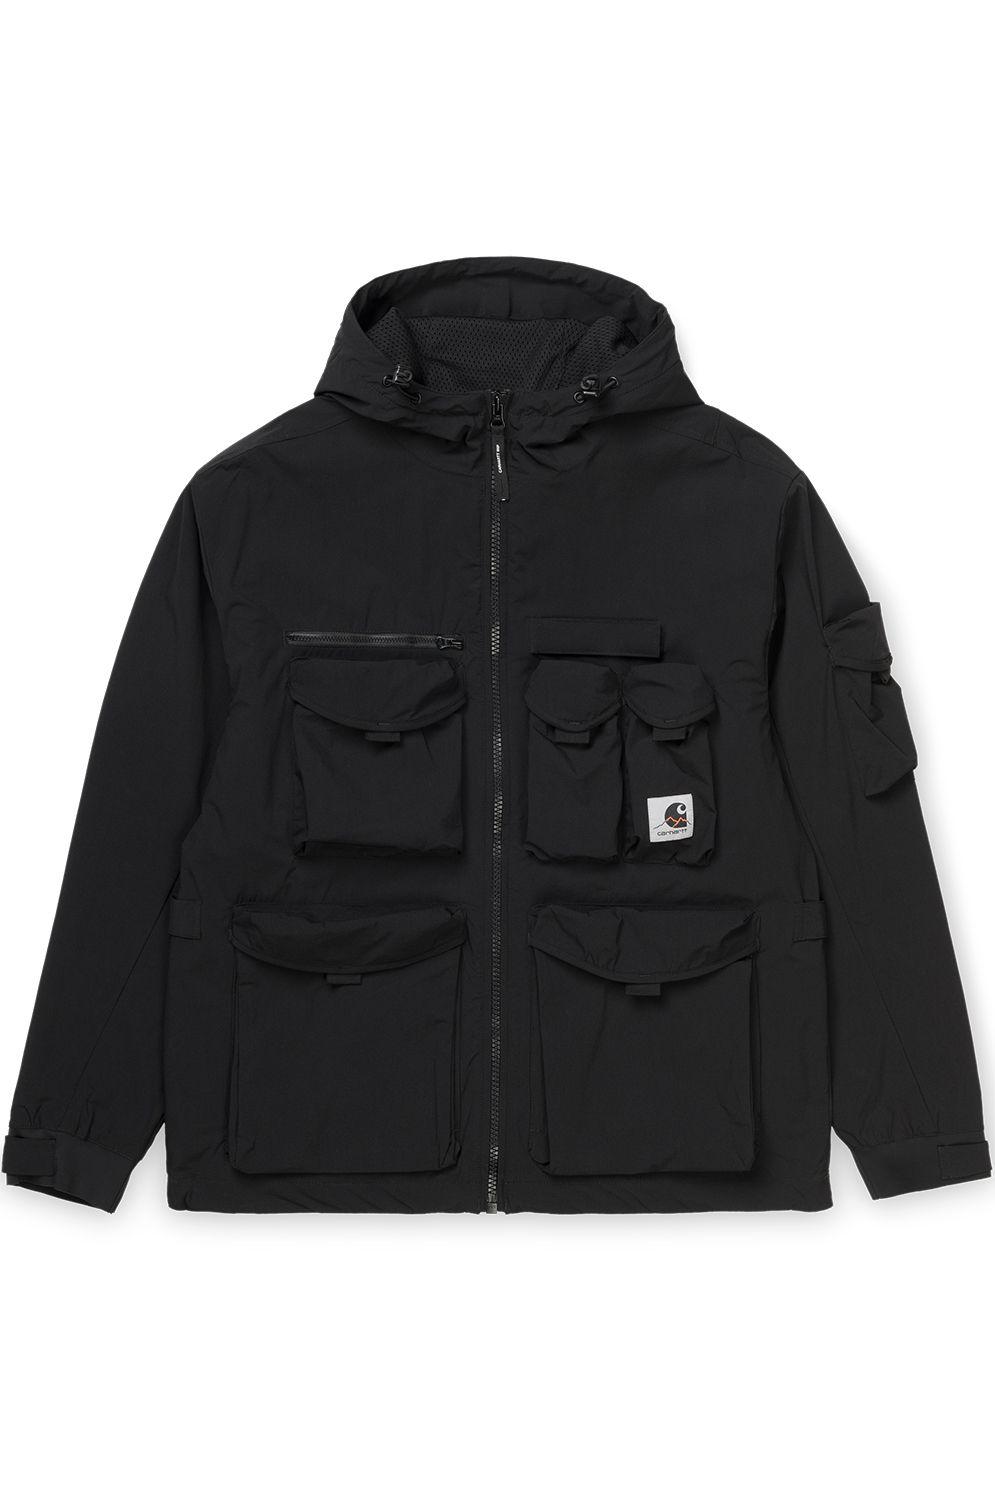 Carhartt WIP Jacket HAYES Black